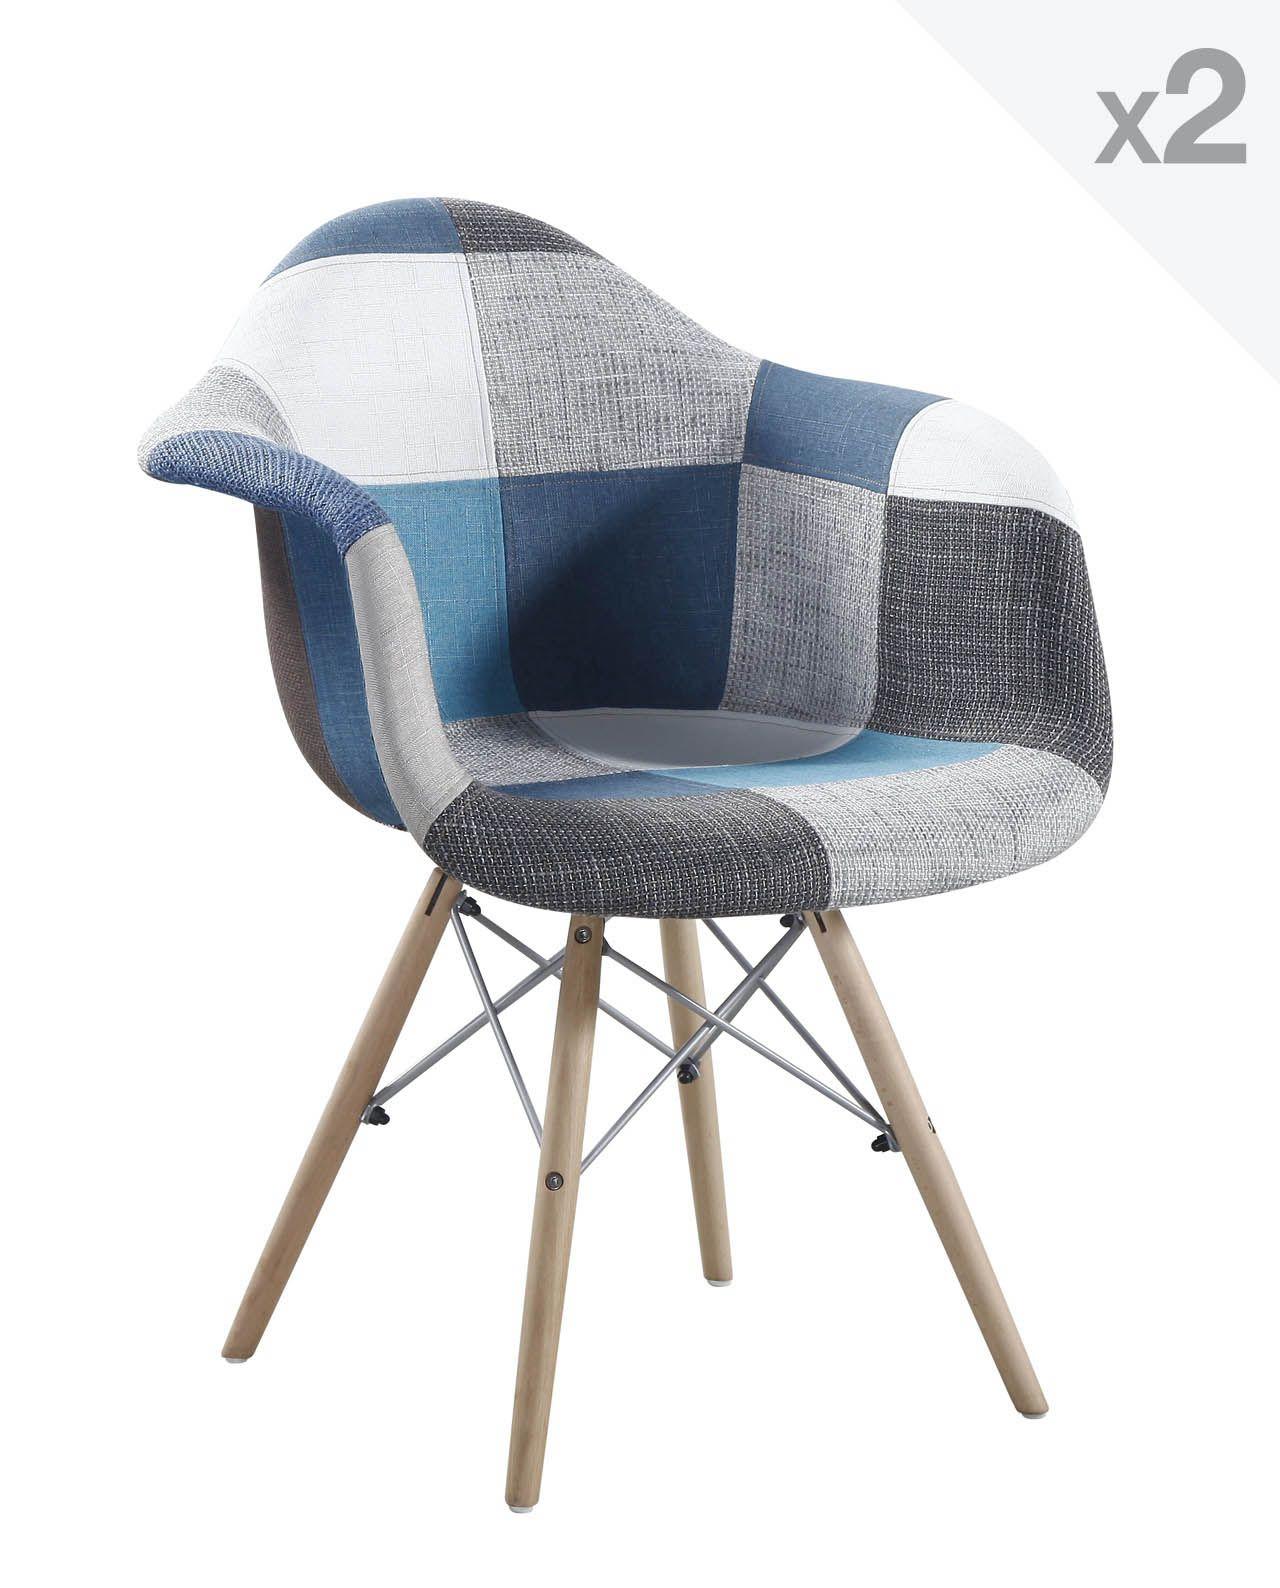 Lot De 2 Fauteuils Design DAW Patchwork NADOR Inspir Du Classique Charles Eames Cette